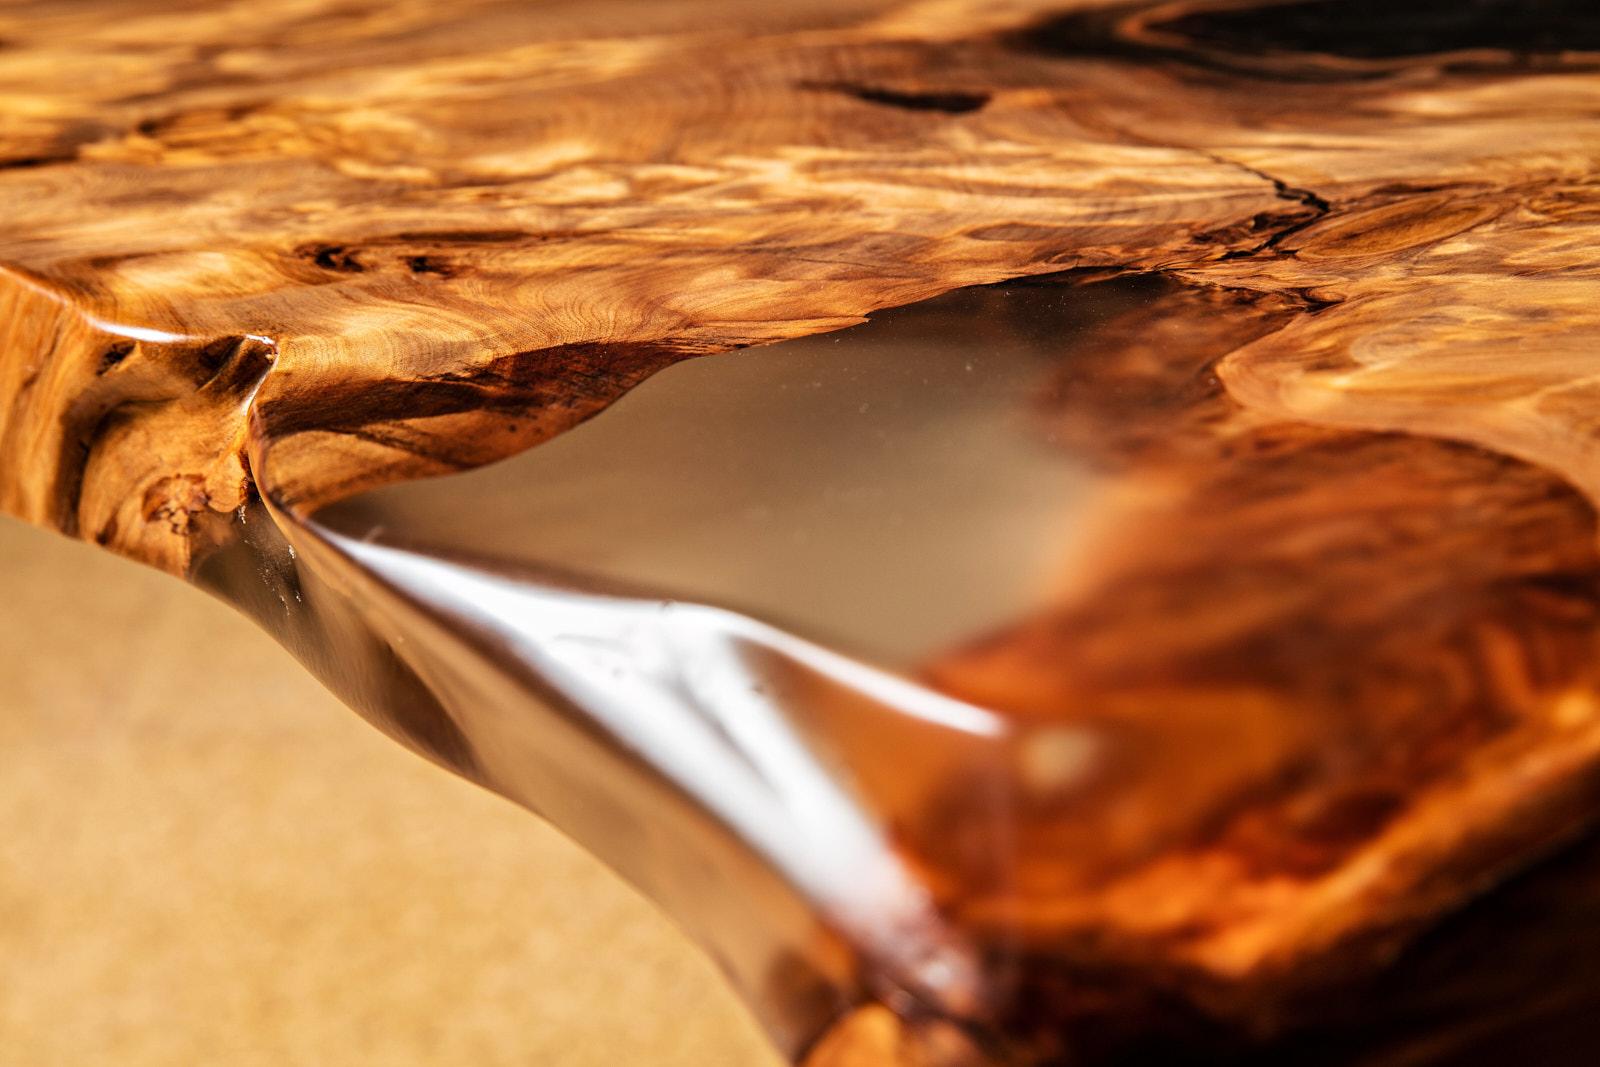 Exklusive Naturholztischplatte aus tausendjährigen Holz mit original Bernstein vom Kauri Baum in Epoxiharz